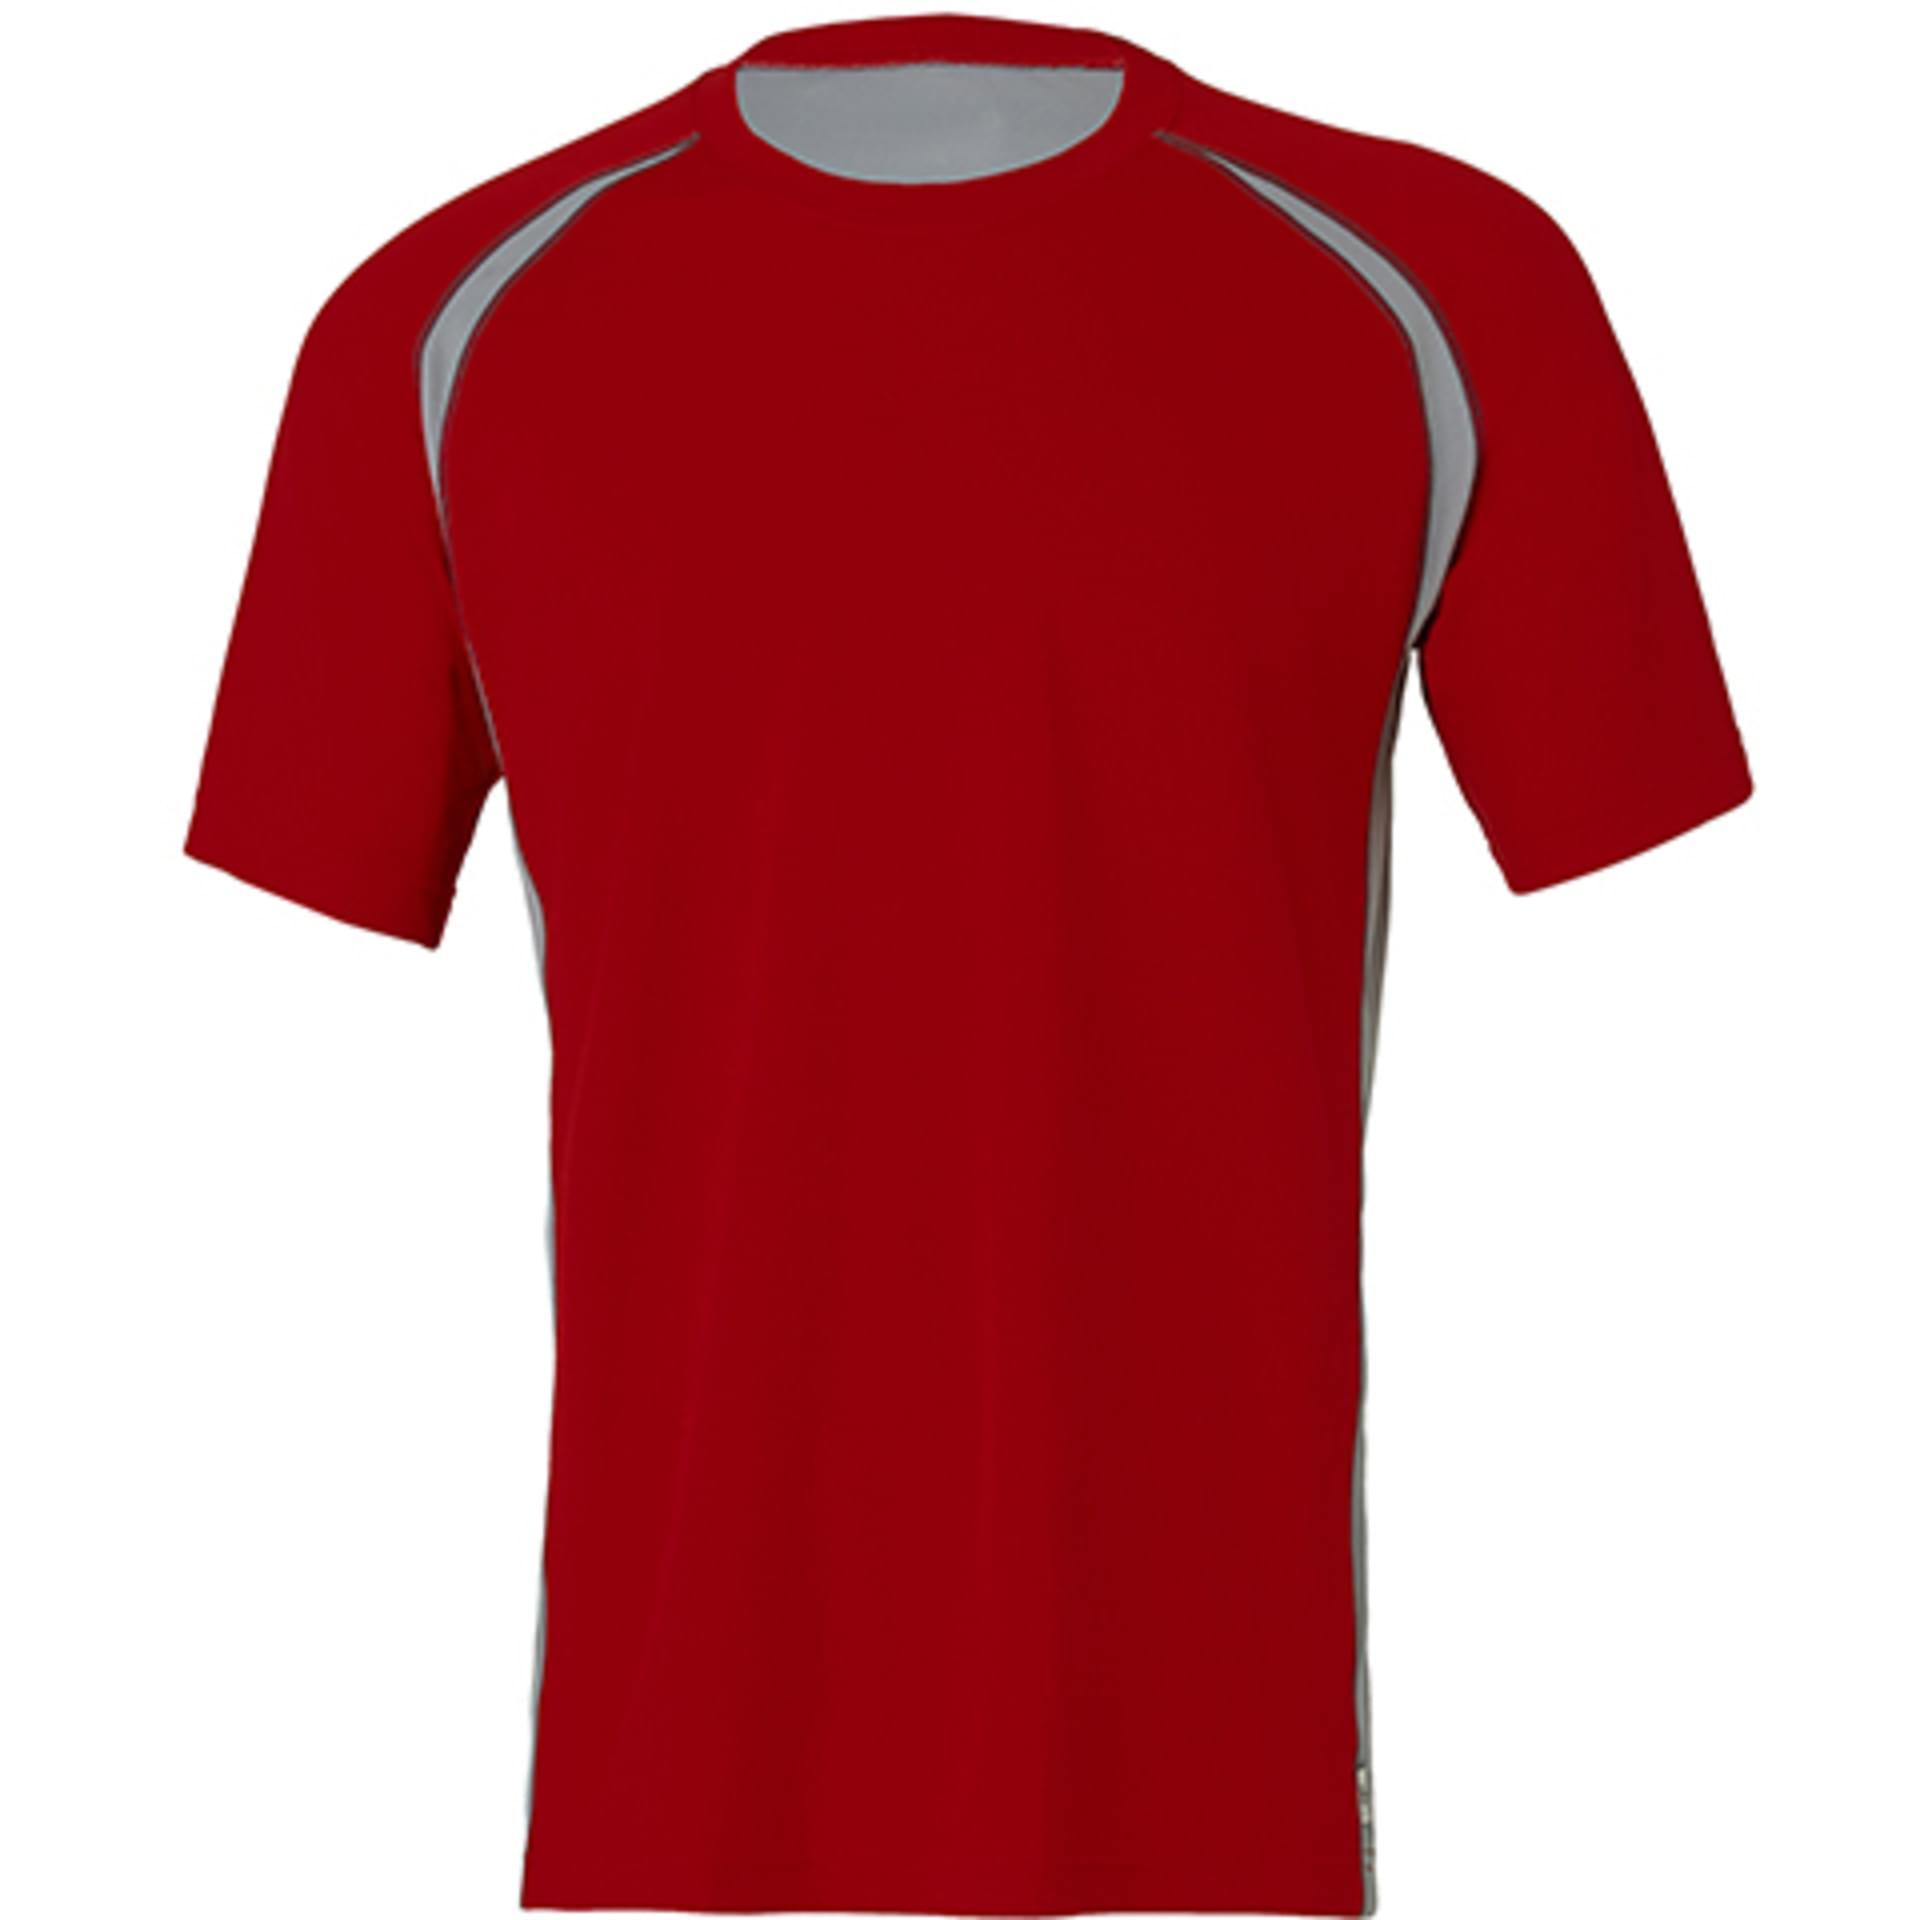 magasiner pour le luxe prix limité profiter de gros rabais Tee-shirt personnalisé T-shirt respirant ALO All sport ...